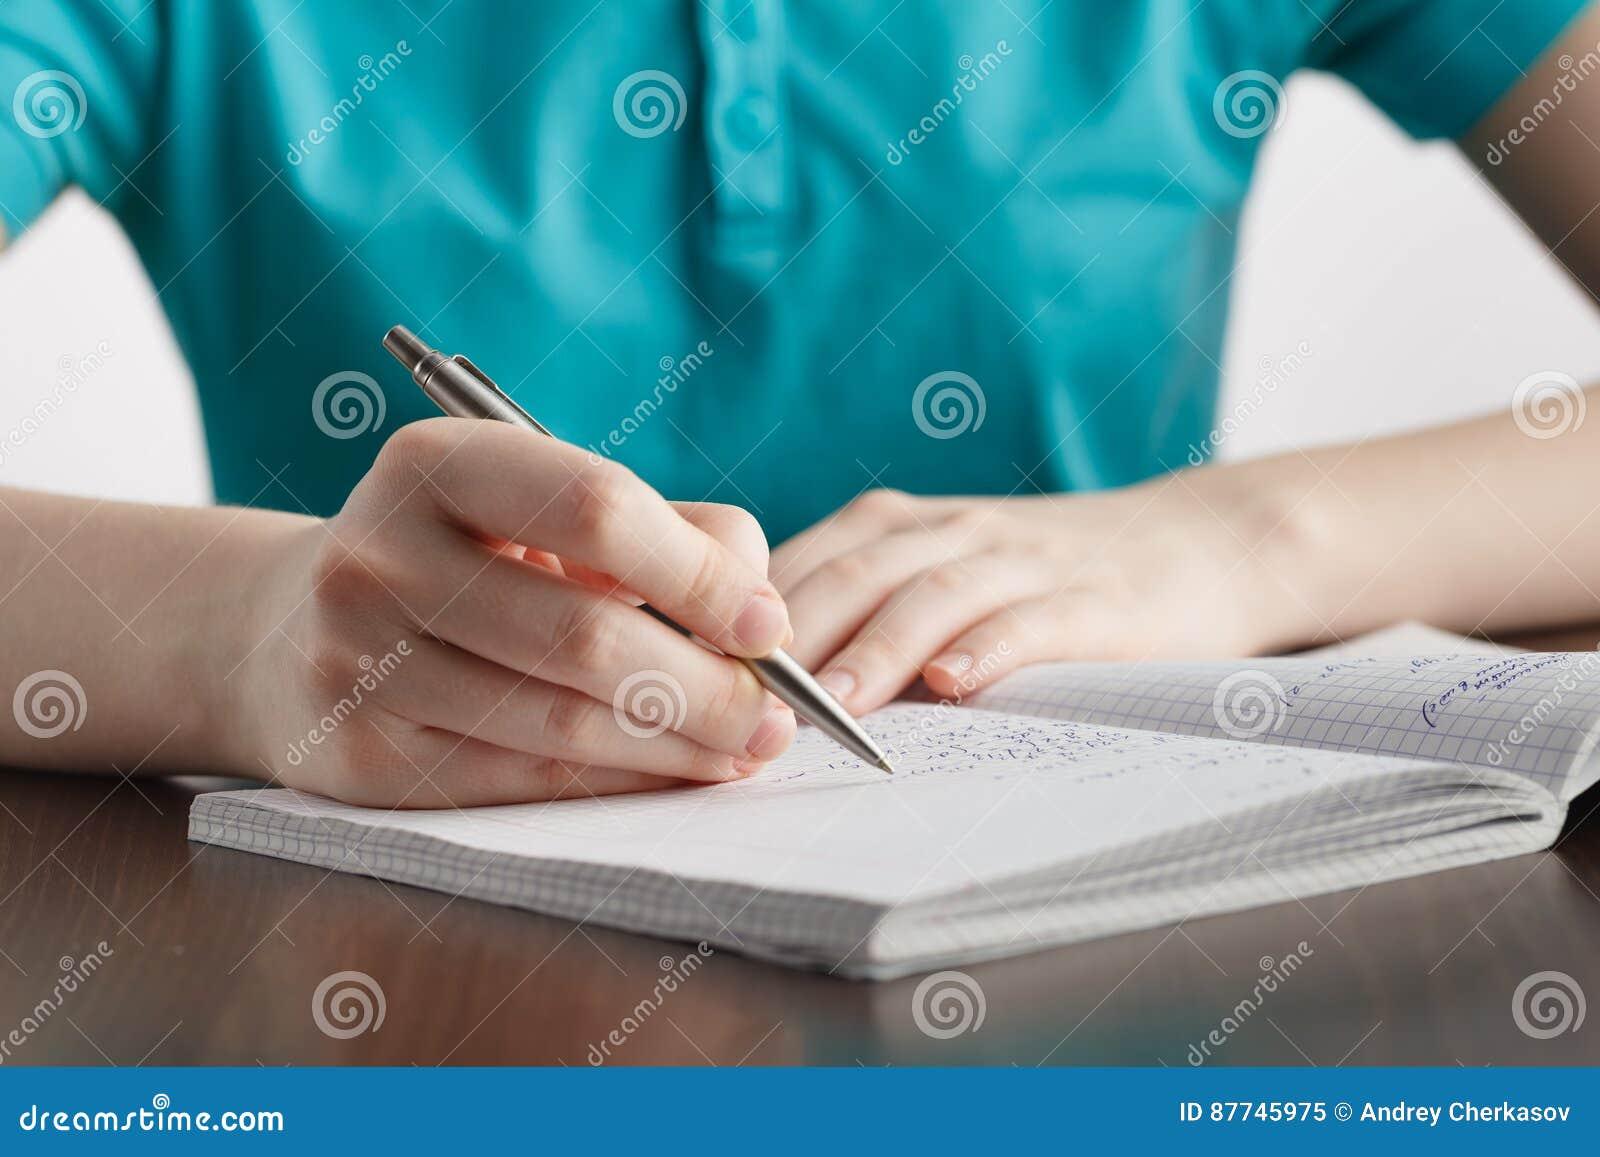 女孩在笔记本数学公式写